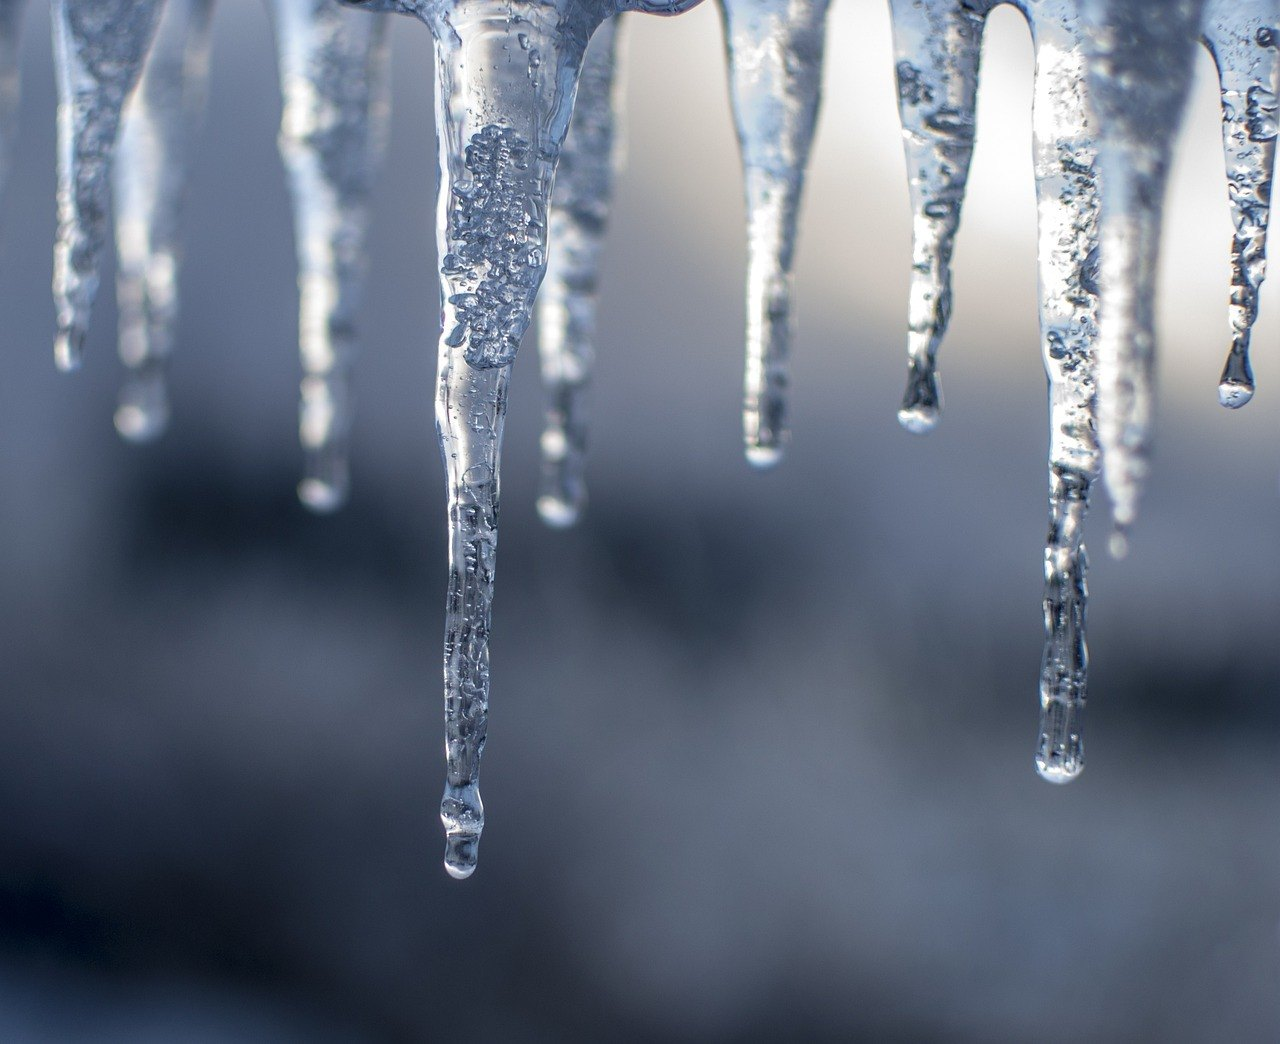 Frozen, Water